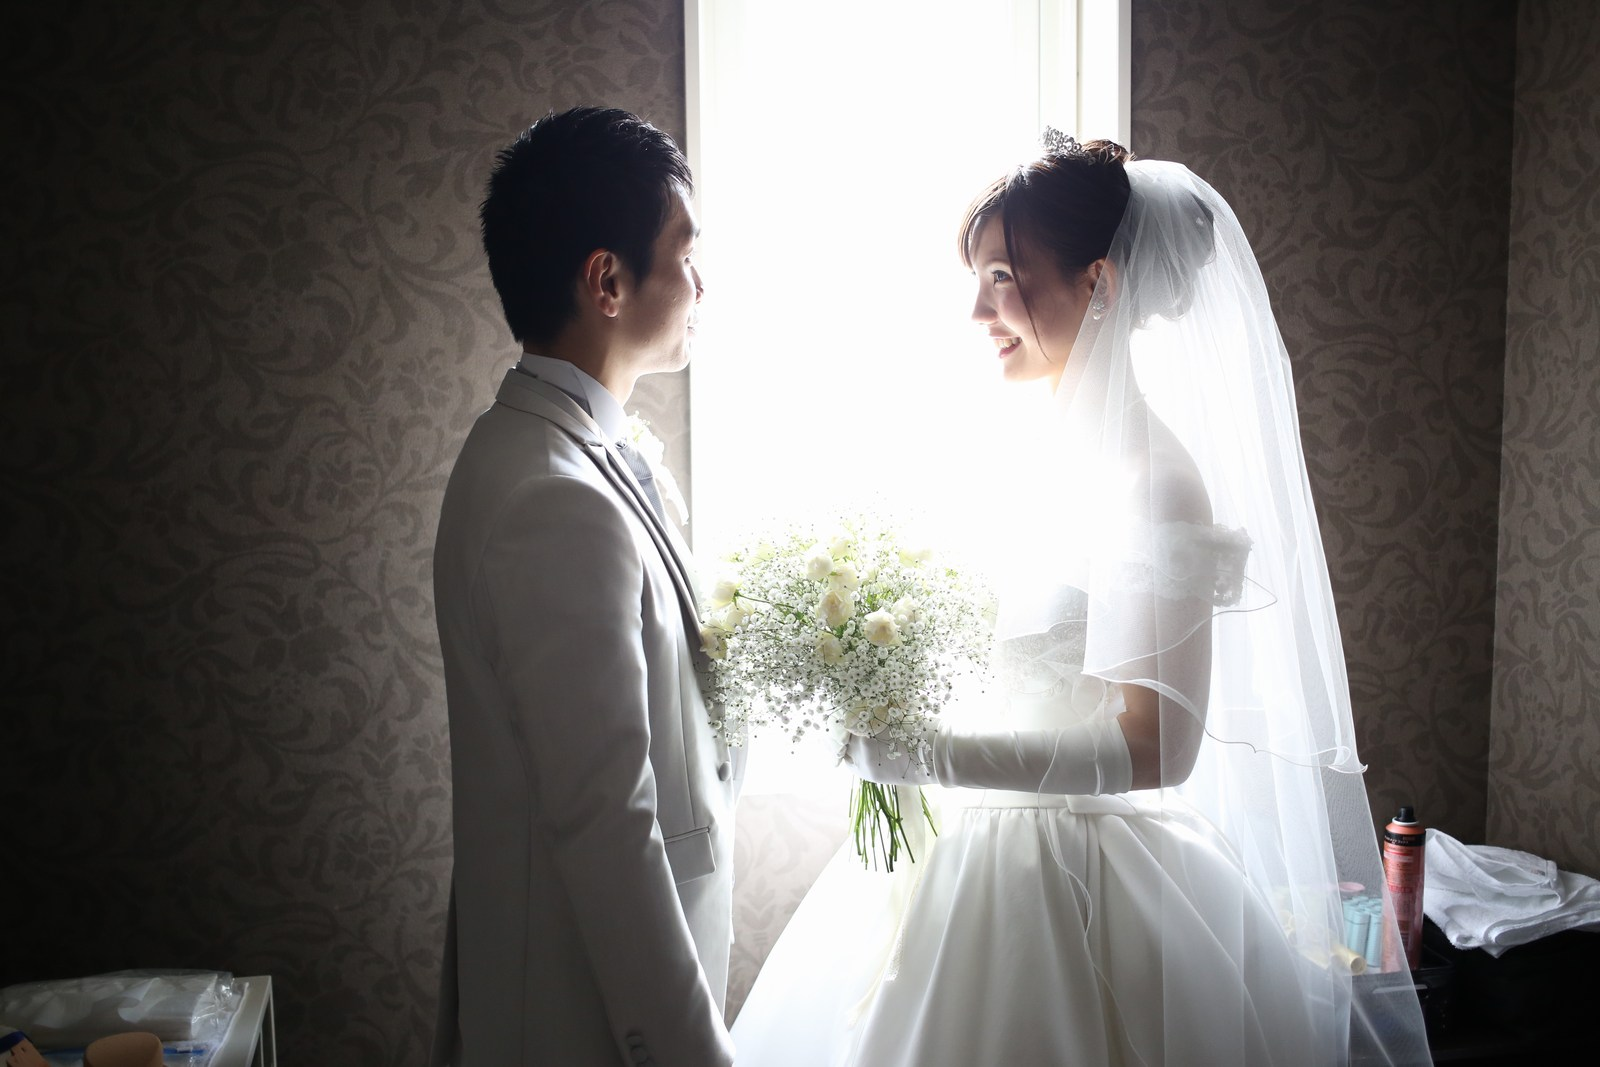 徳島市の結婚式場ブランアンジュでタキシードとウエディングドレスで記念写真を撮る新郎新婦